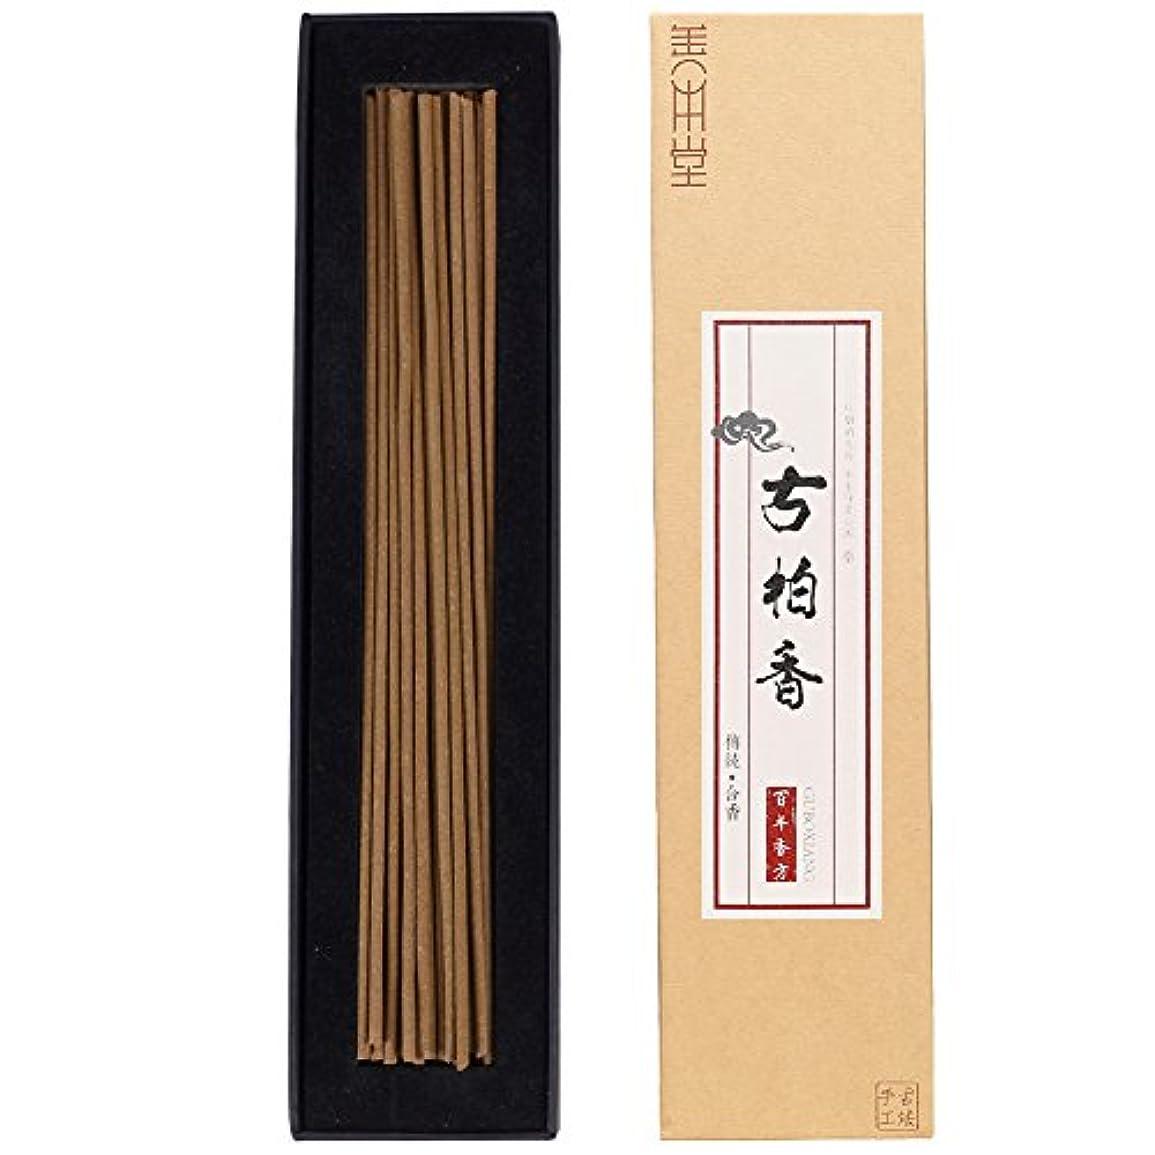 スポットマキシム記録お線香 独特の合香 天然の手作り 高級古柏お香 (21cm 50本入)